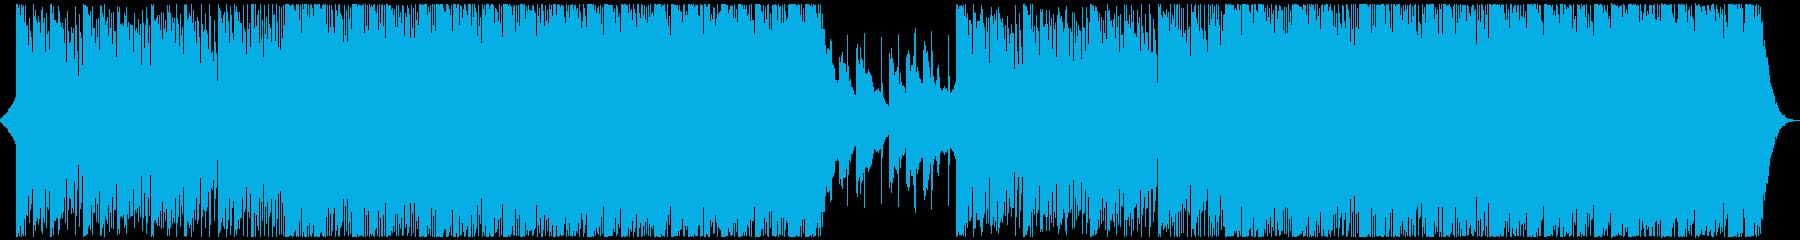 切なくも力強い 応援系EDMの再生済みの波形